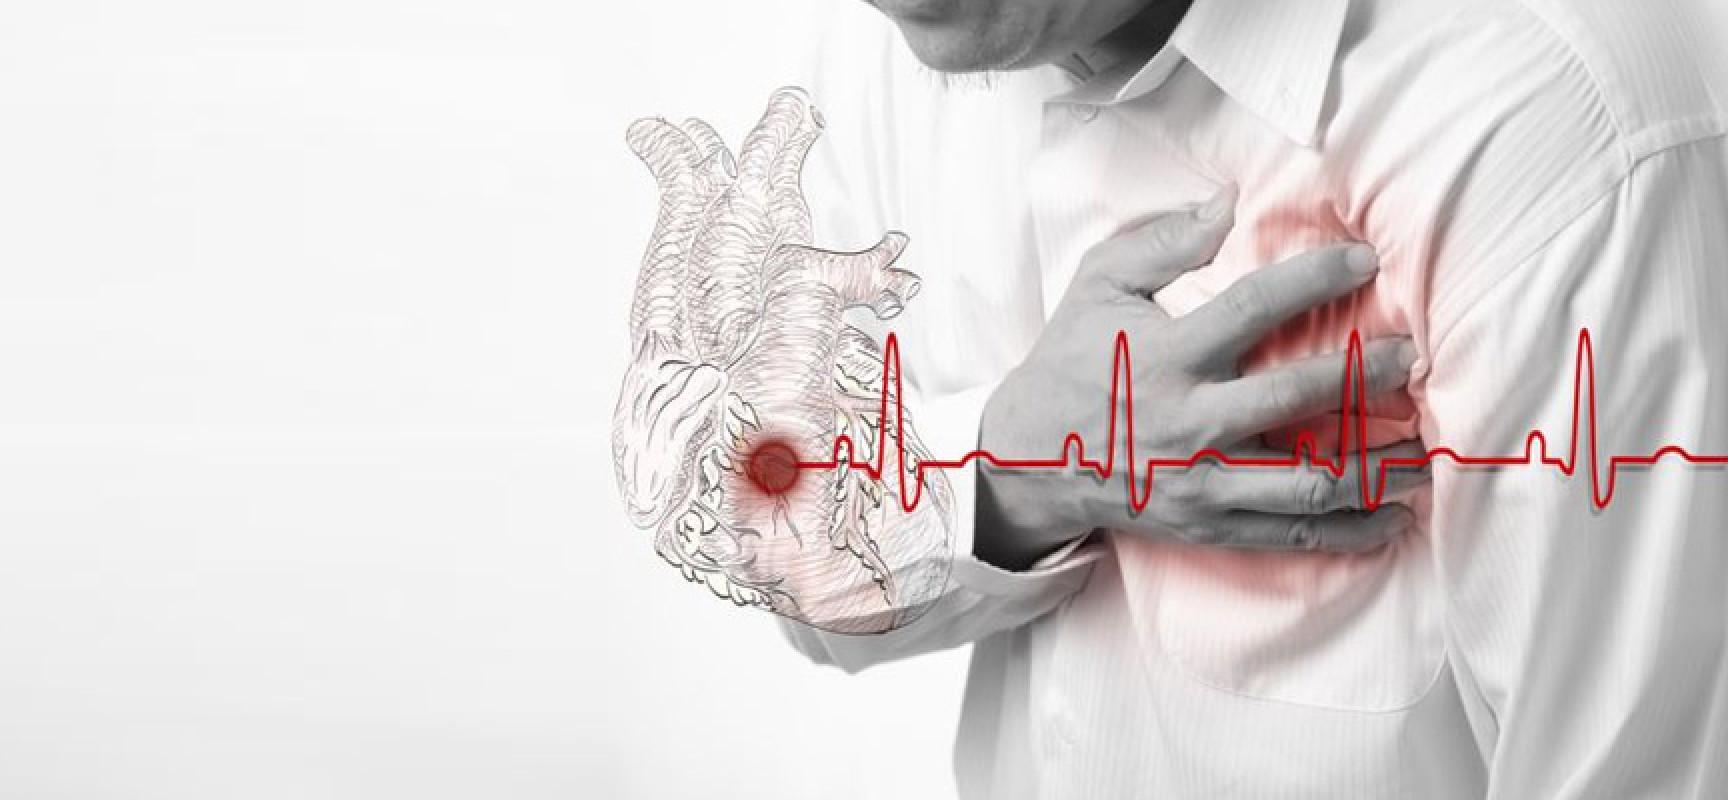 Алкоголь после инфаркта миокарда - можно ли употреблять, после стентирования, прием спиртного, пиво, вино, для мужчин